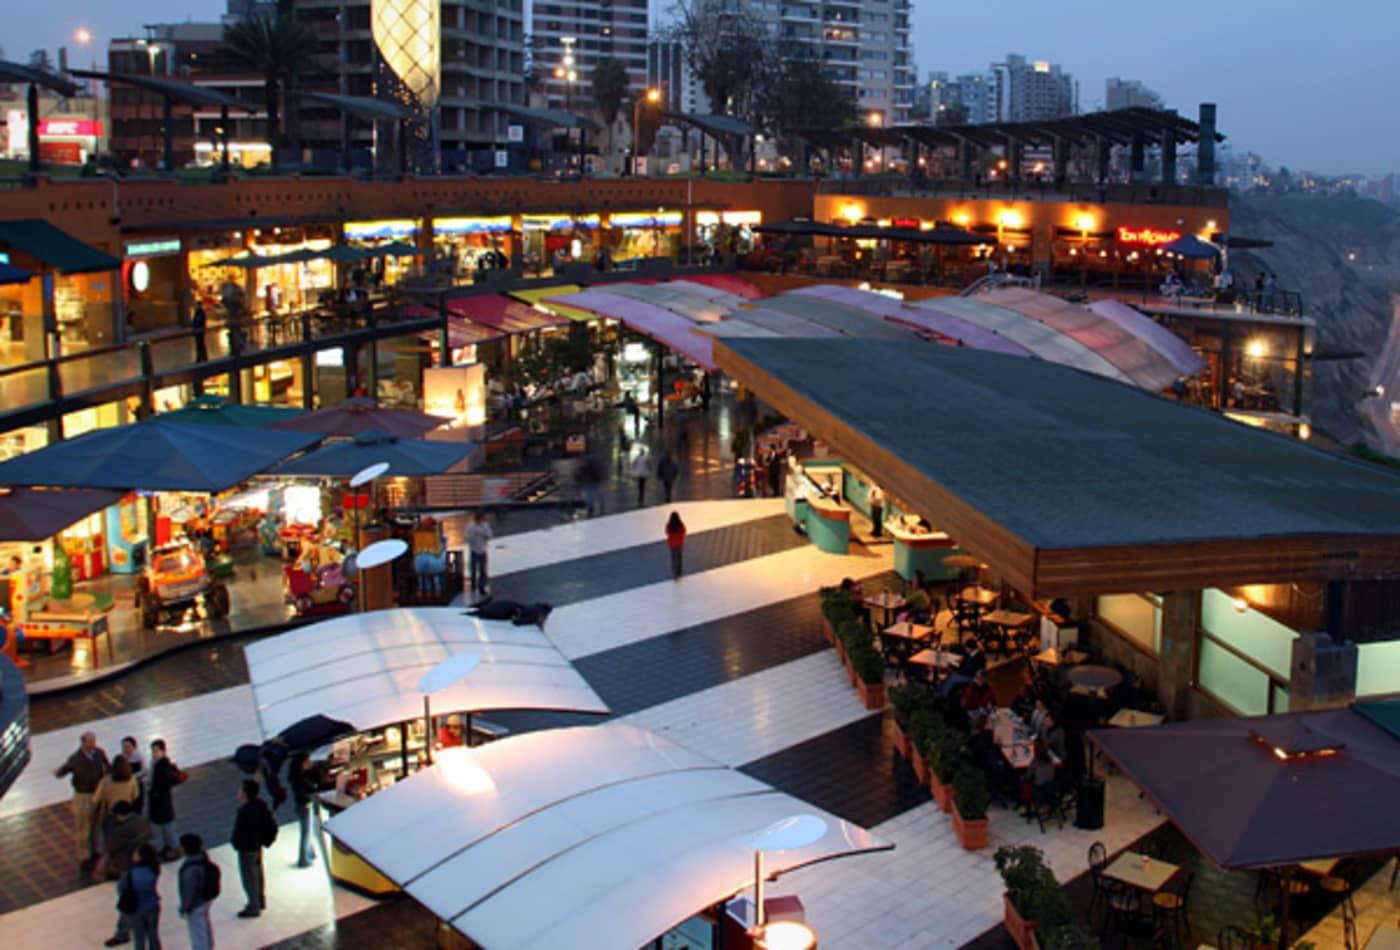 Retails-hottest-emerging-markets-2012-peru.jpg